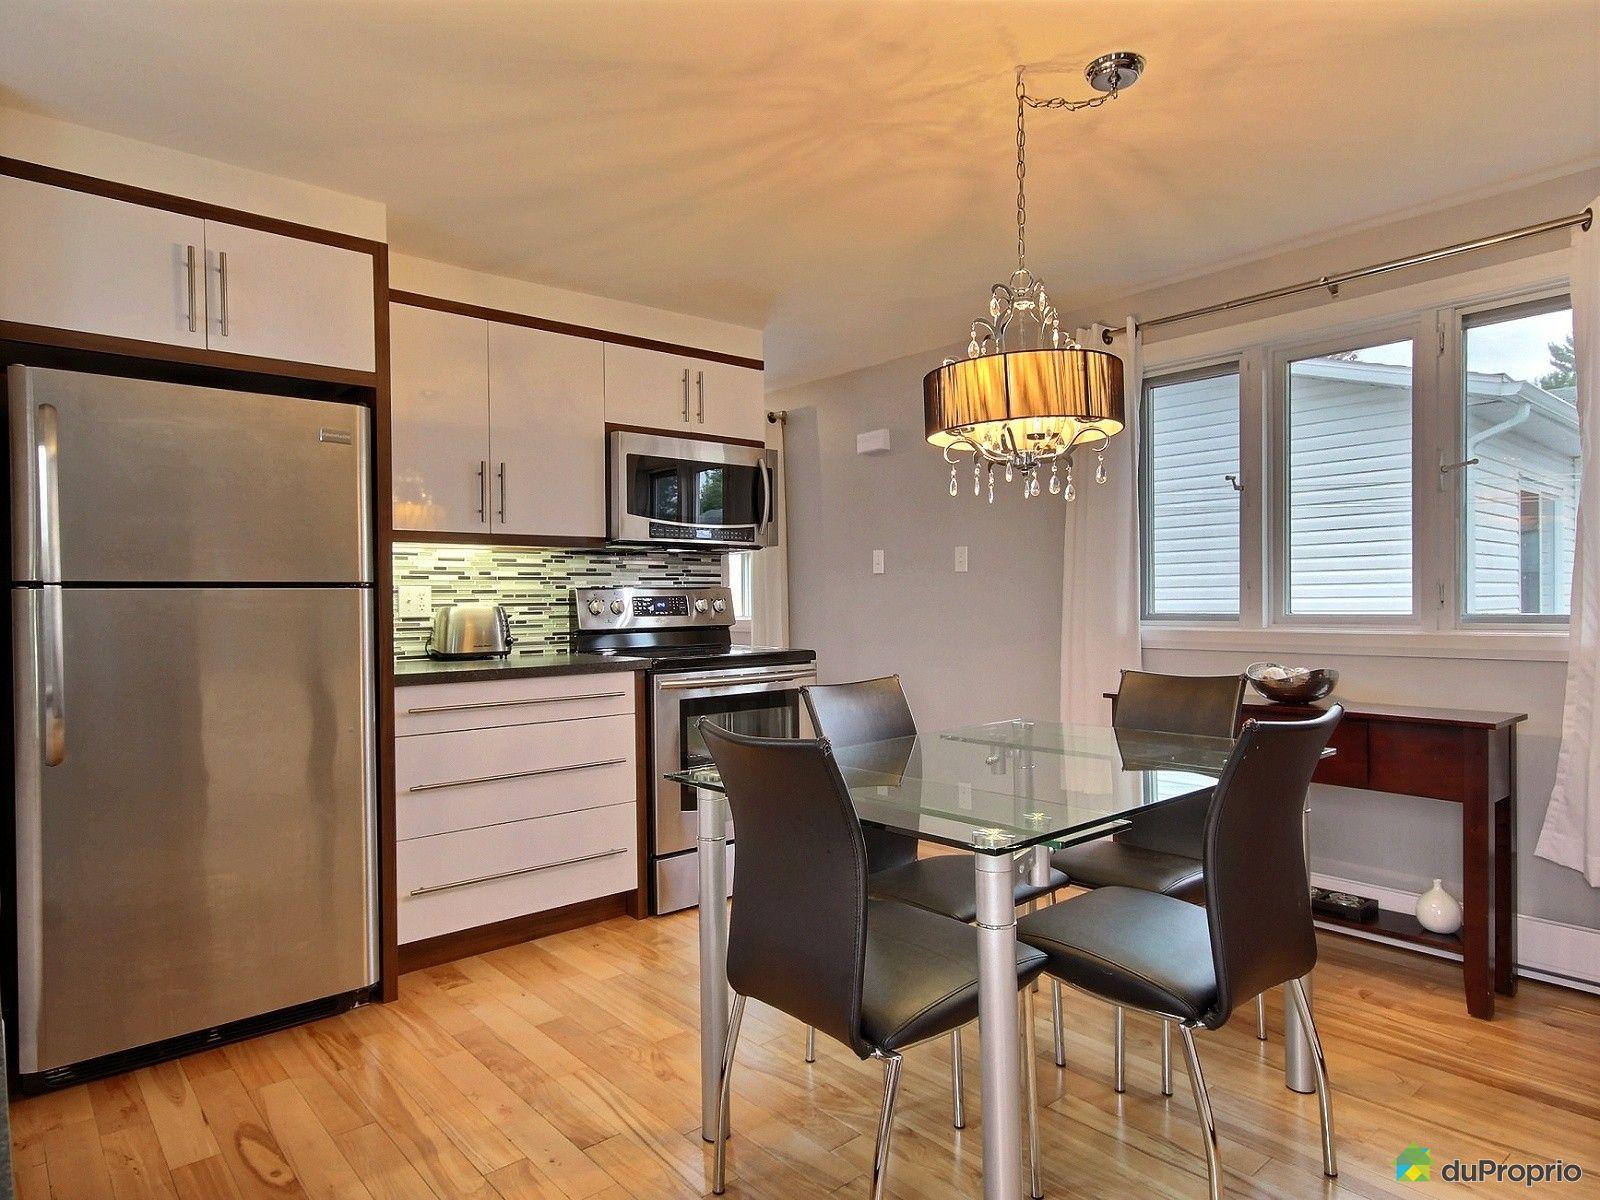 maison vendu trois rivi res immobilier qu bec duproprio 646549. Black Bedroom Furniture Sets. Home Design Ideas